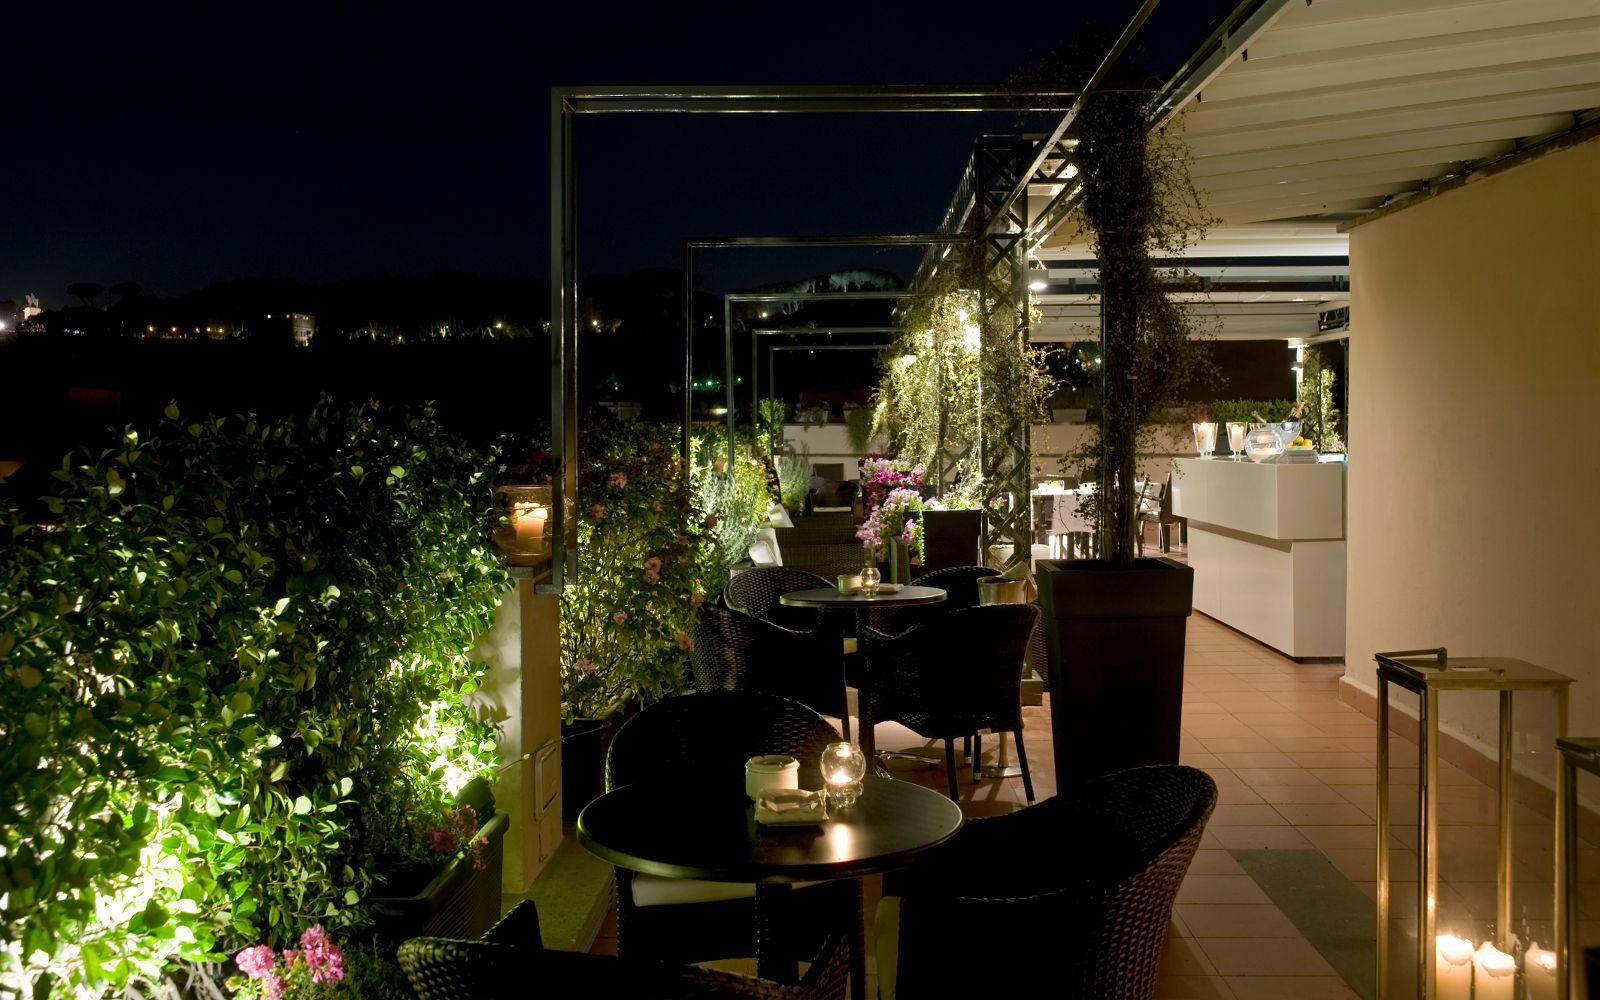 Benvenuti al ristorante I Sofa Roma Hotel, Ristorante